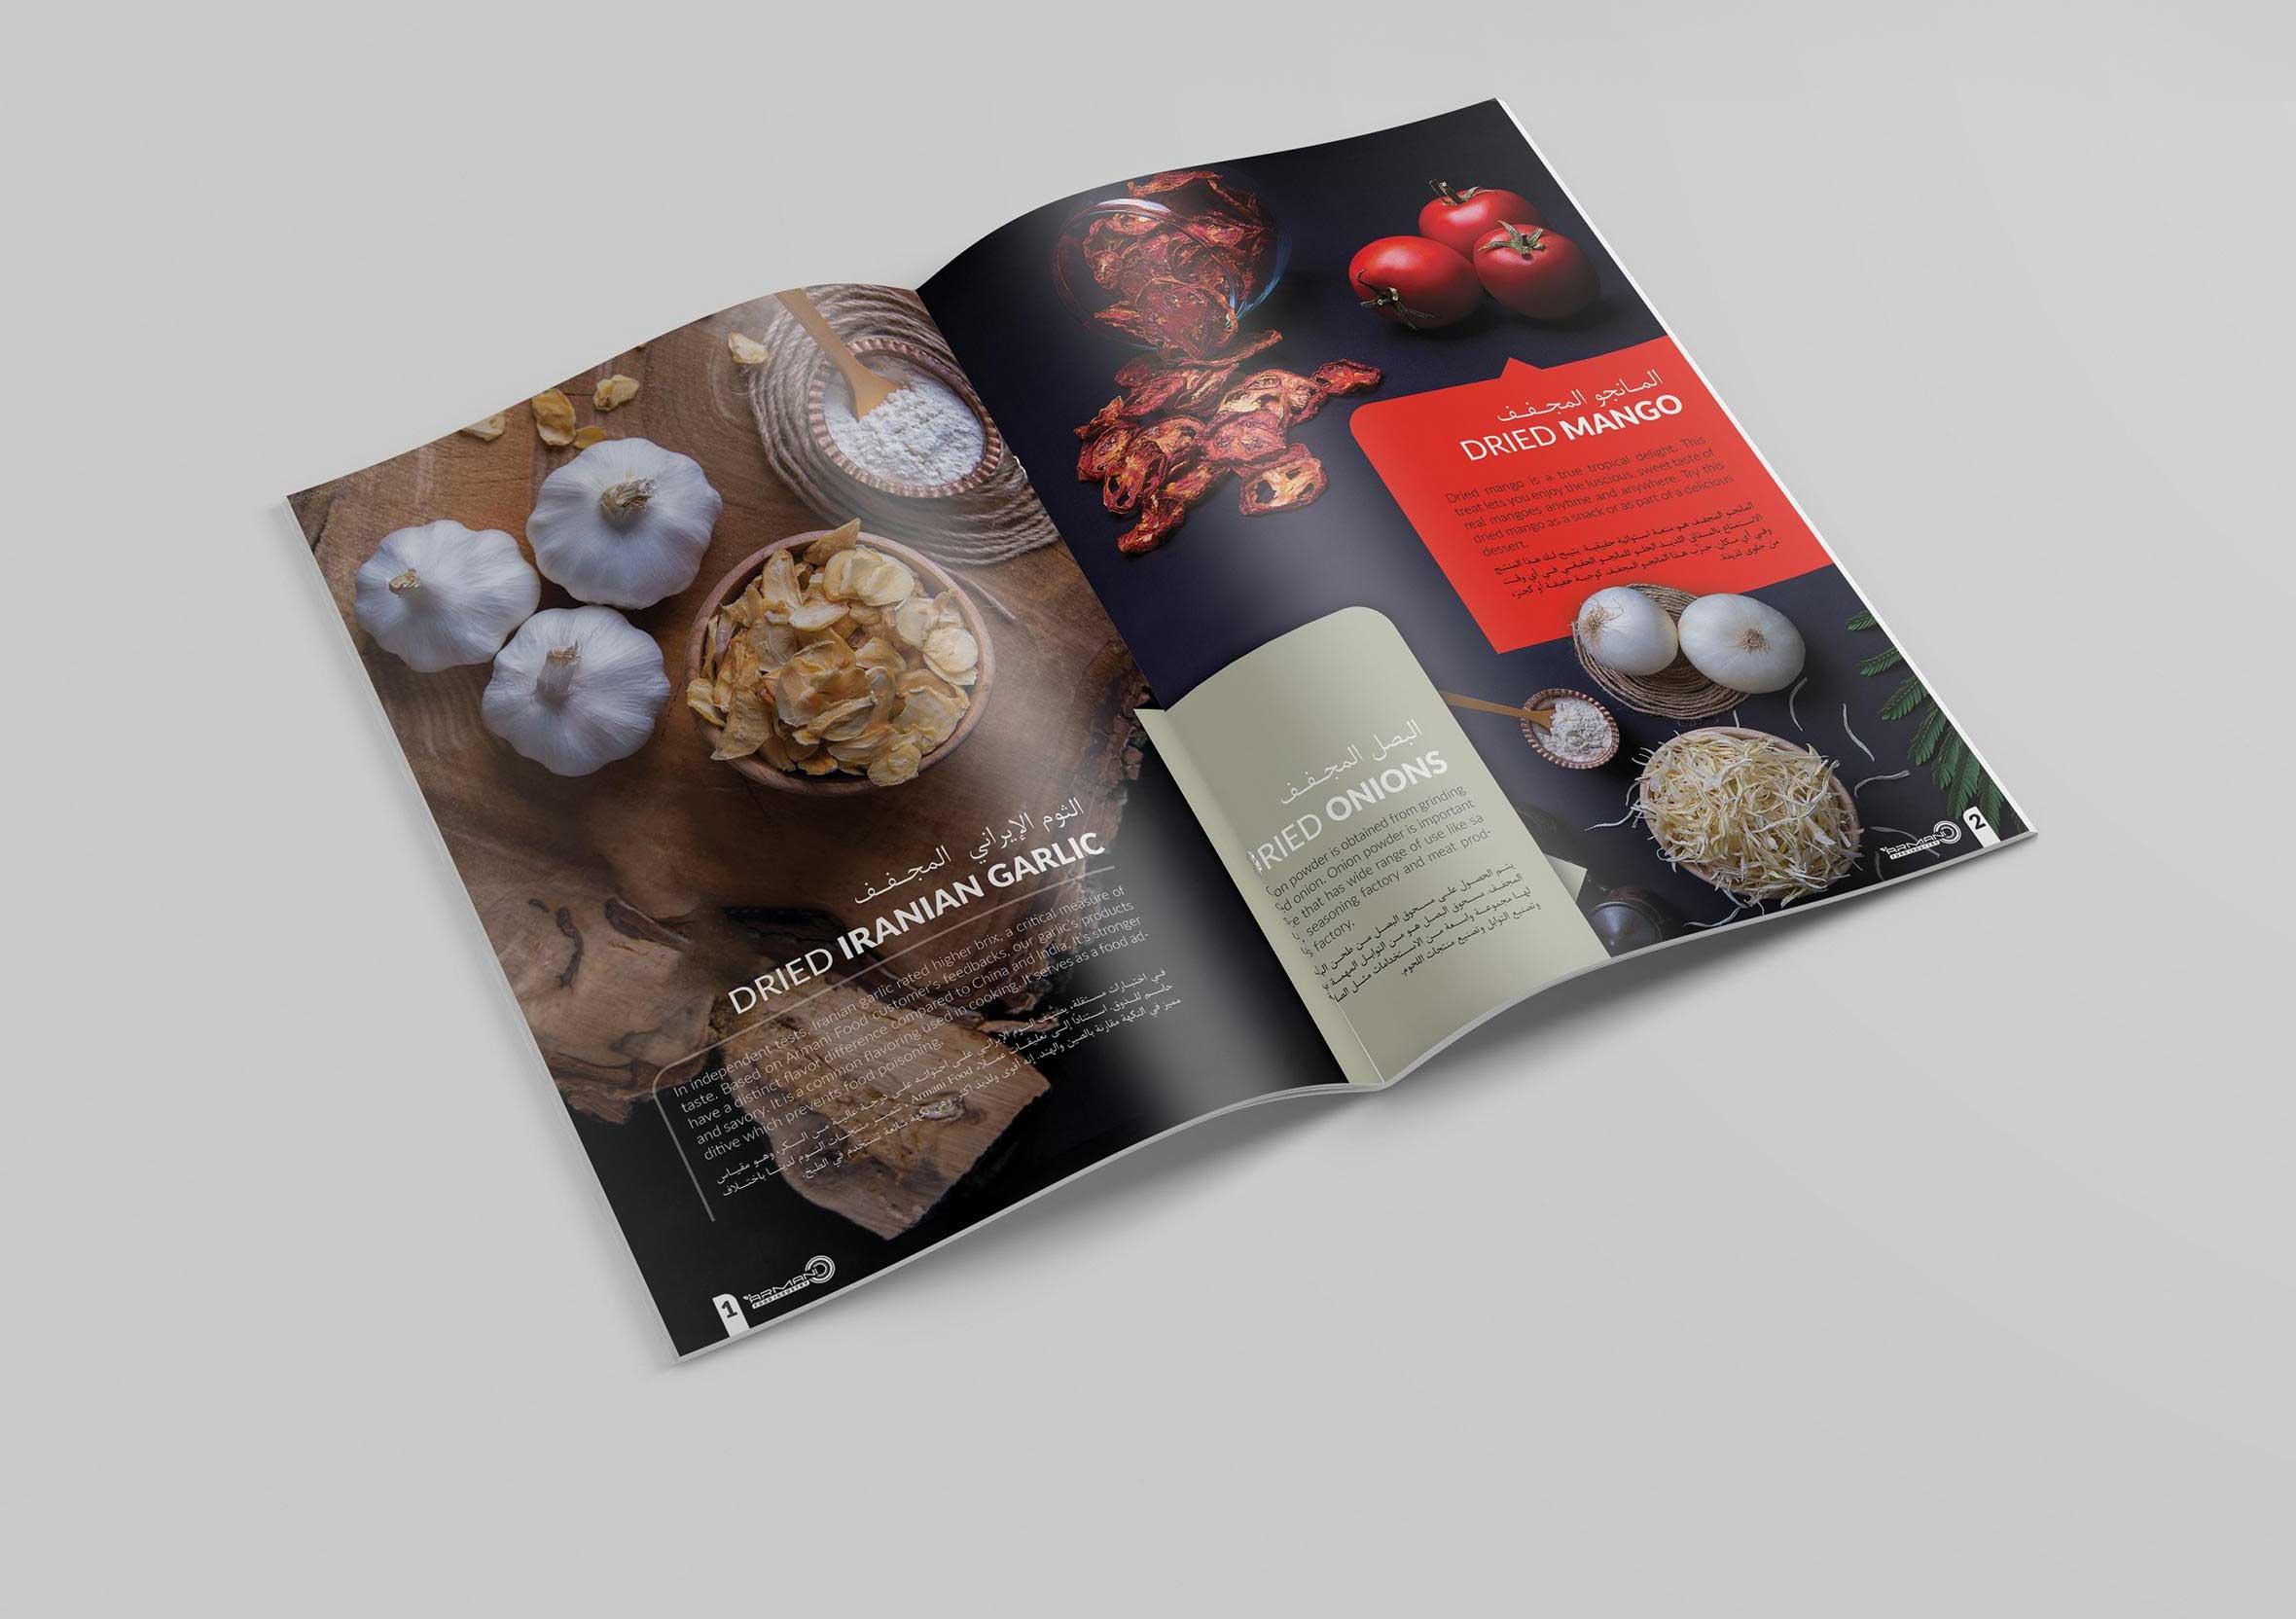 نمونه کار طراحی حرفه ای کاتالوگ دیجیتال تبلیغاتی محصولات صادراتی شرکت آرمانی در فتوشاپ